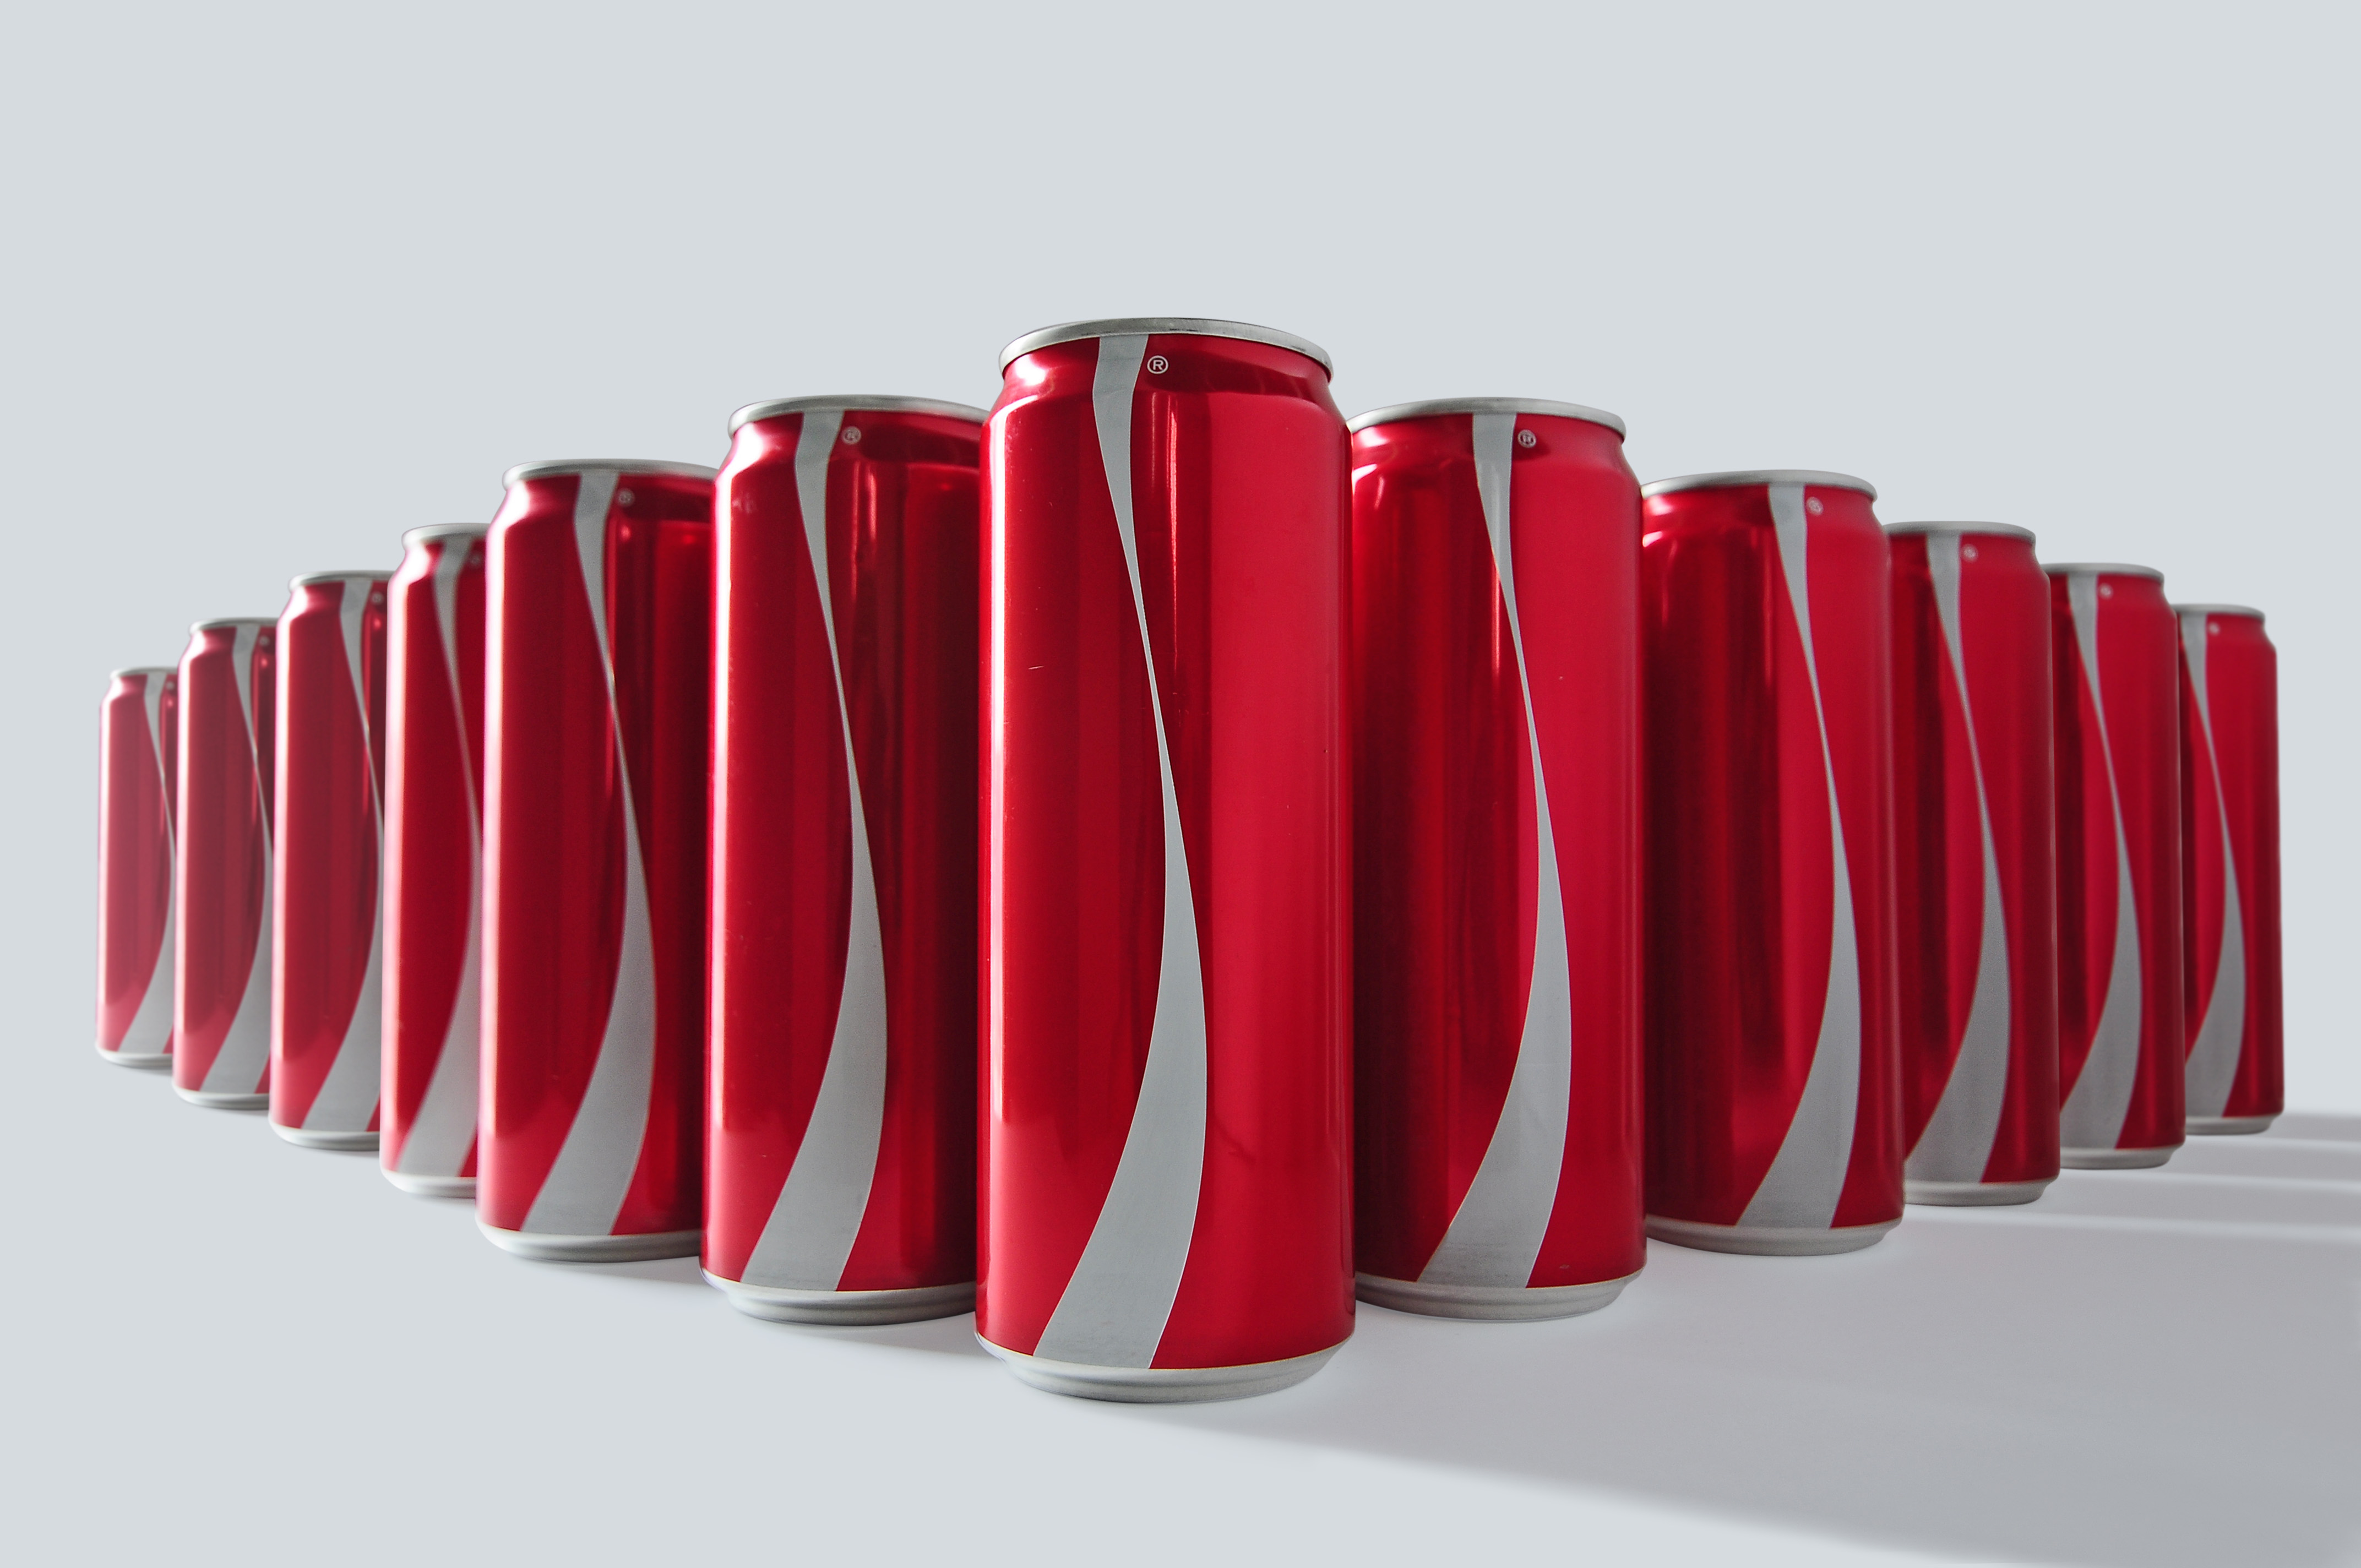 des canettes coca cola sans tiquette au moyen orient pour lutter contre les pr jug s food. Black Bedroom Furniture Sets. Home Design Ideas